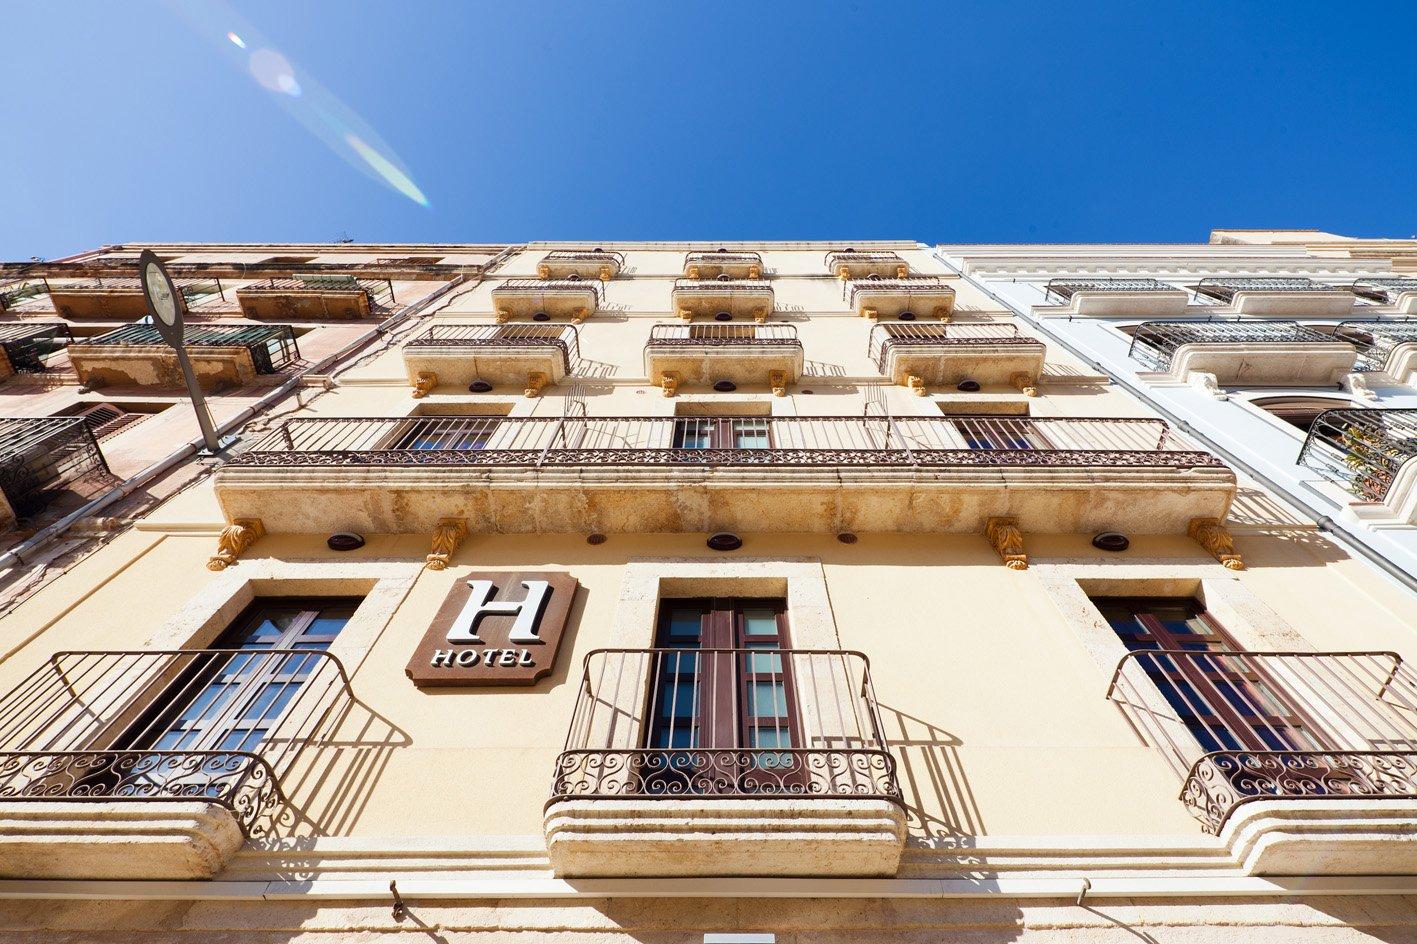 hotel_la_fontnombre_del_documento_18-aa467521fa2191097959288c6d254dae